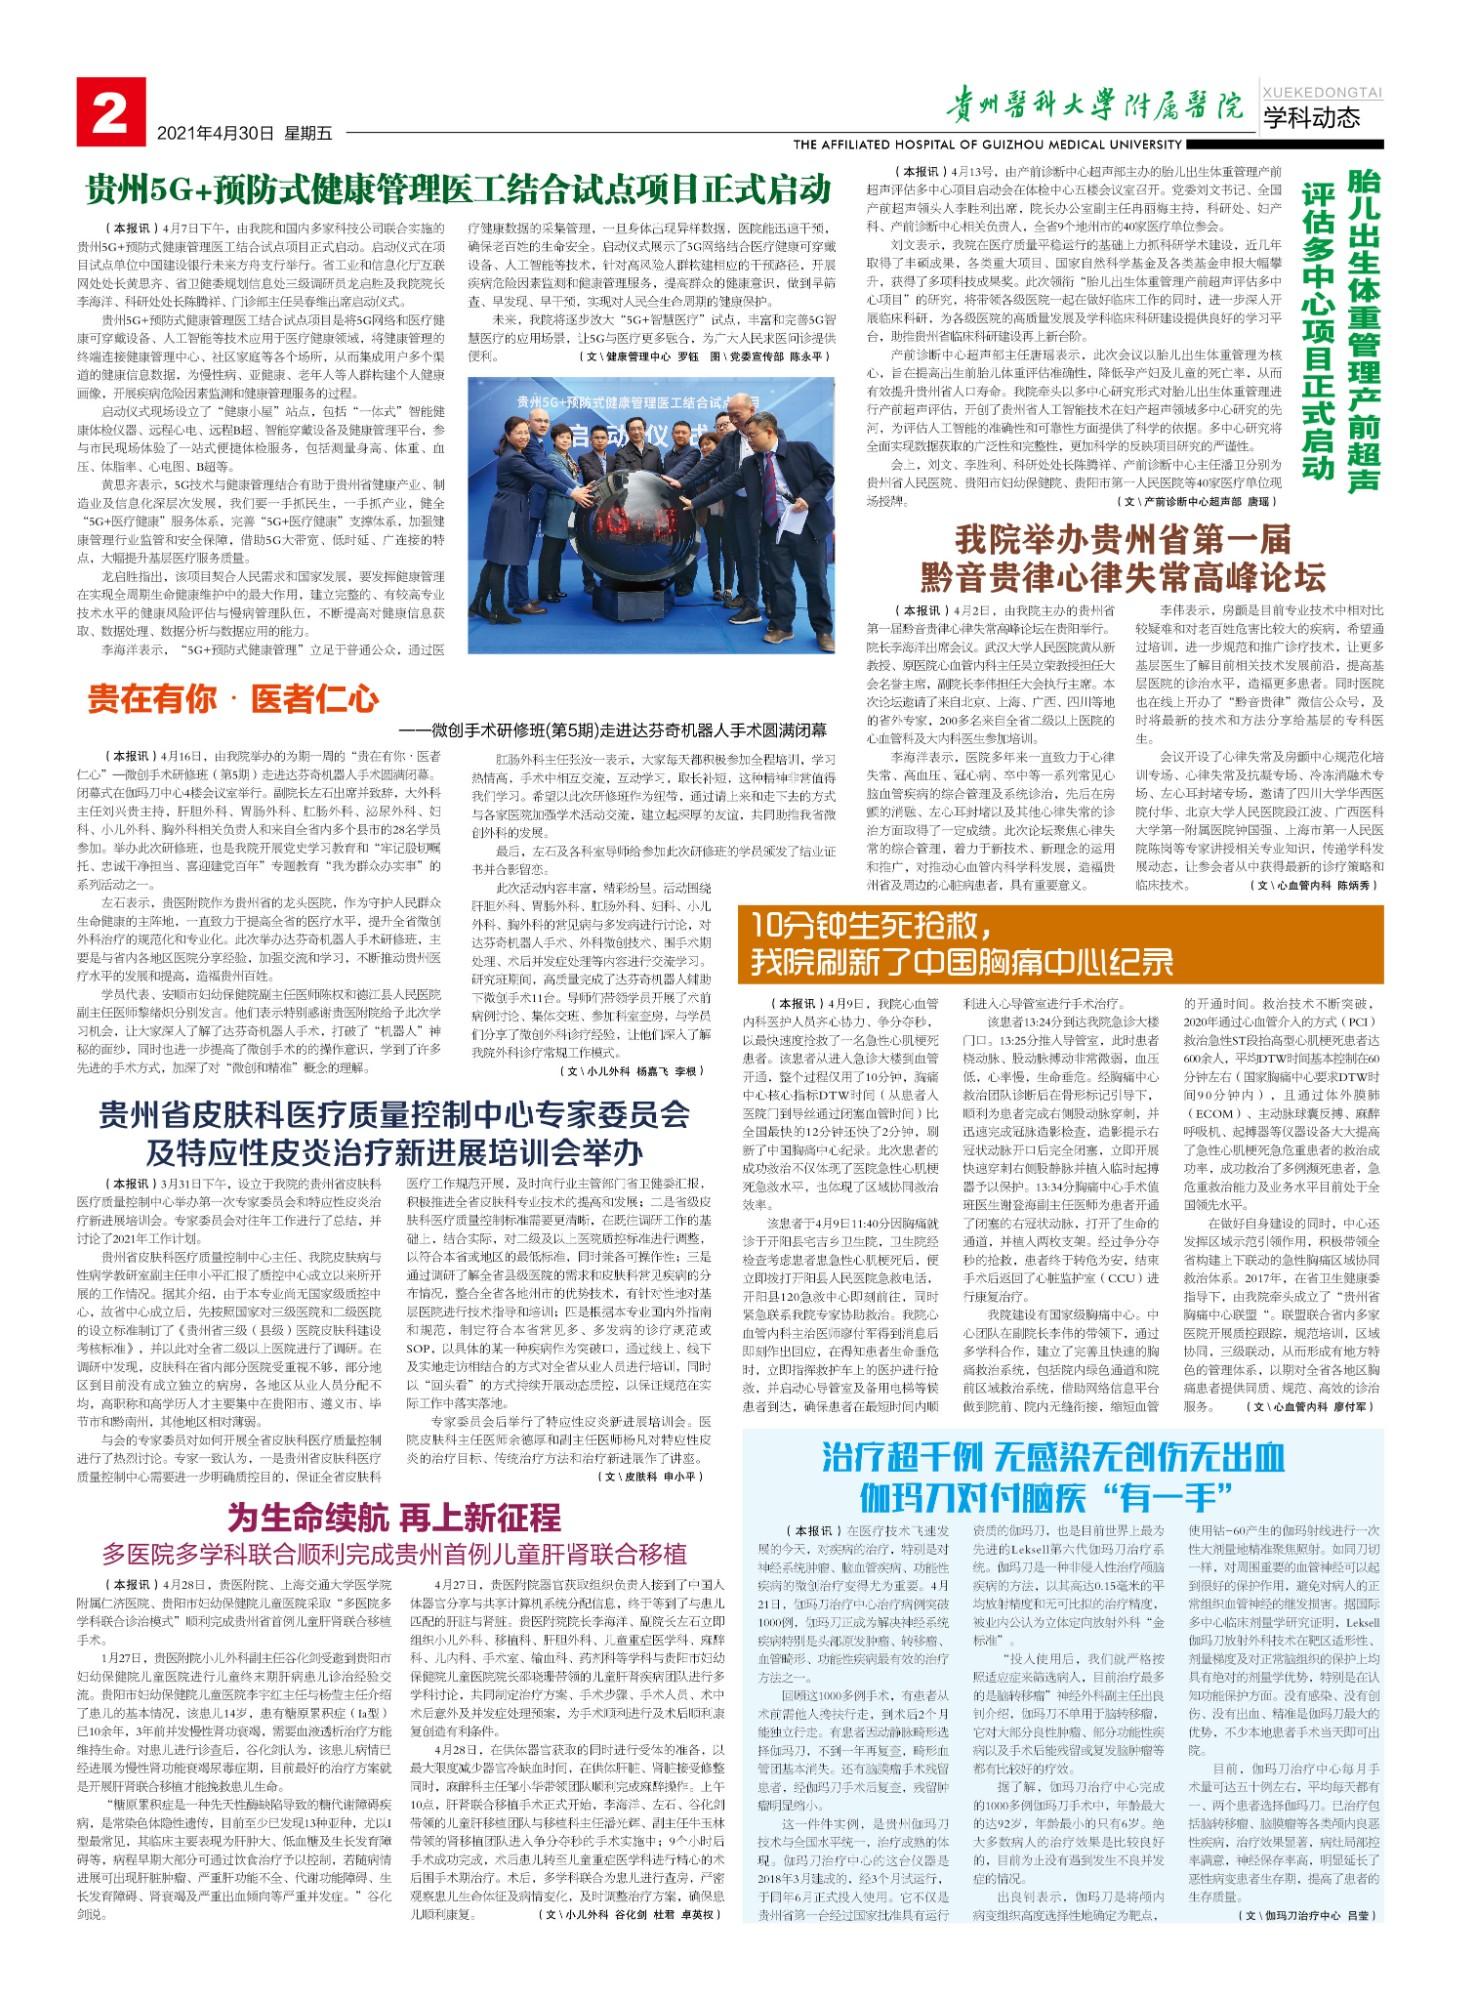 贵医报121期2版